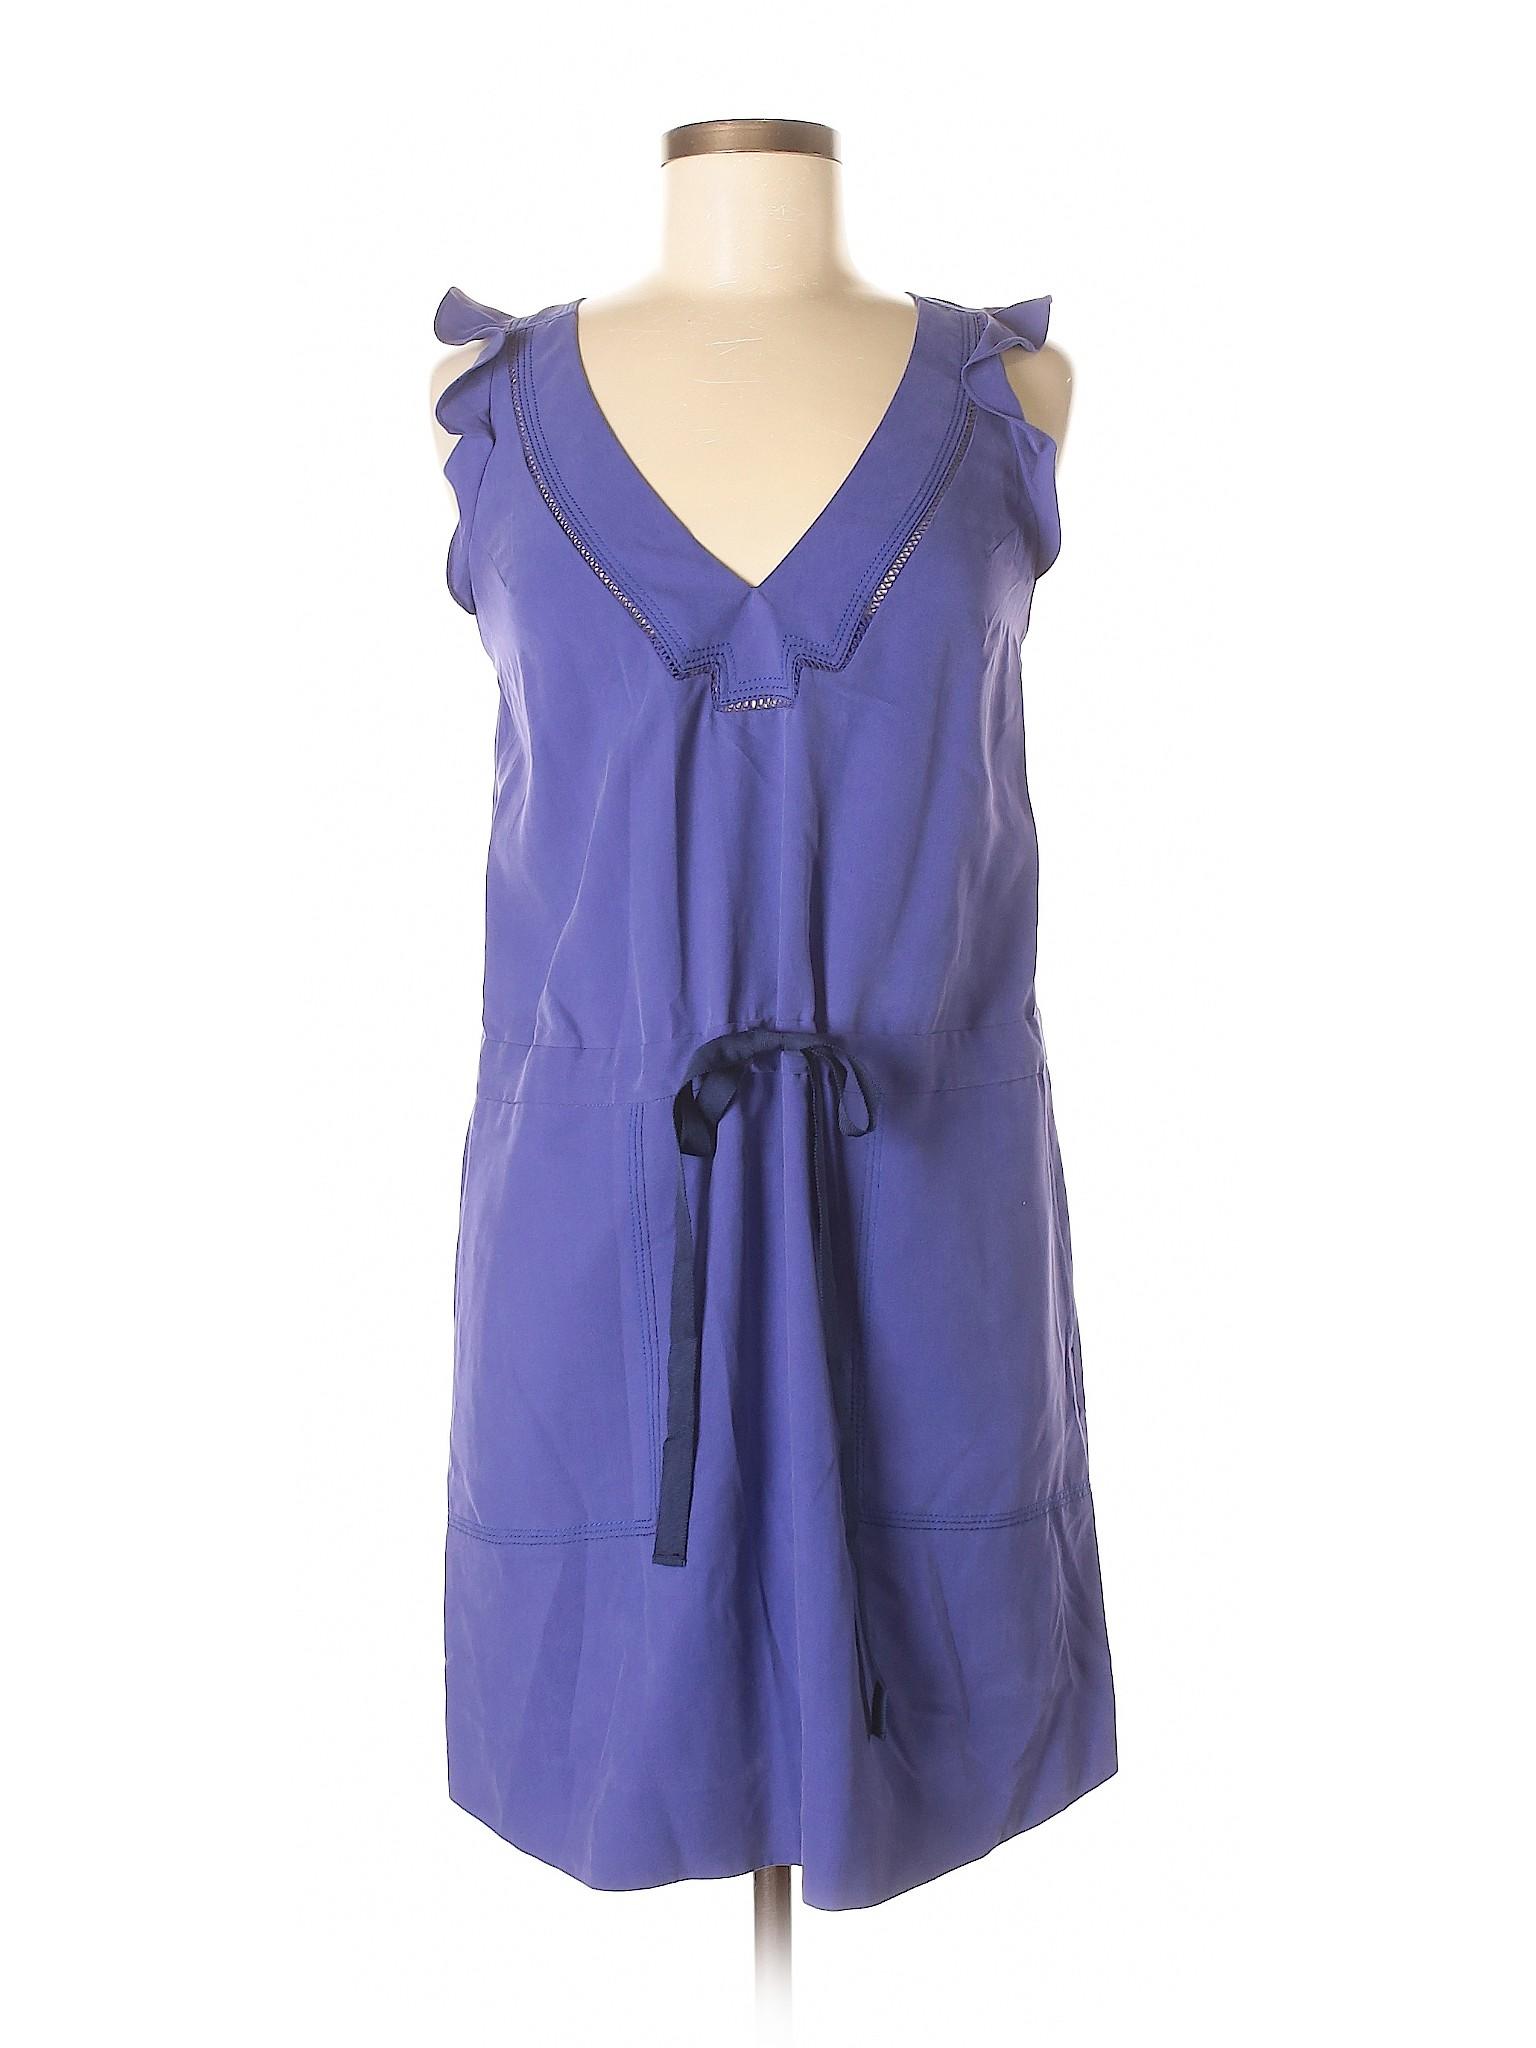 Taylor Casual Boutique Rebecca Dress winter pqTPHxnEw